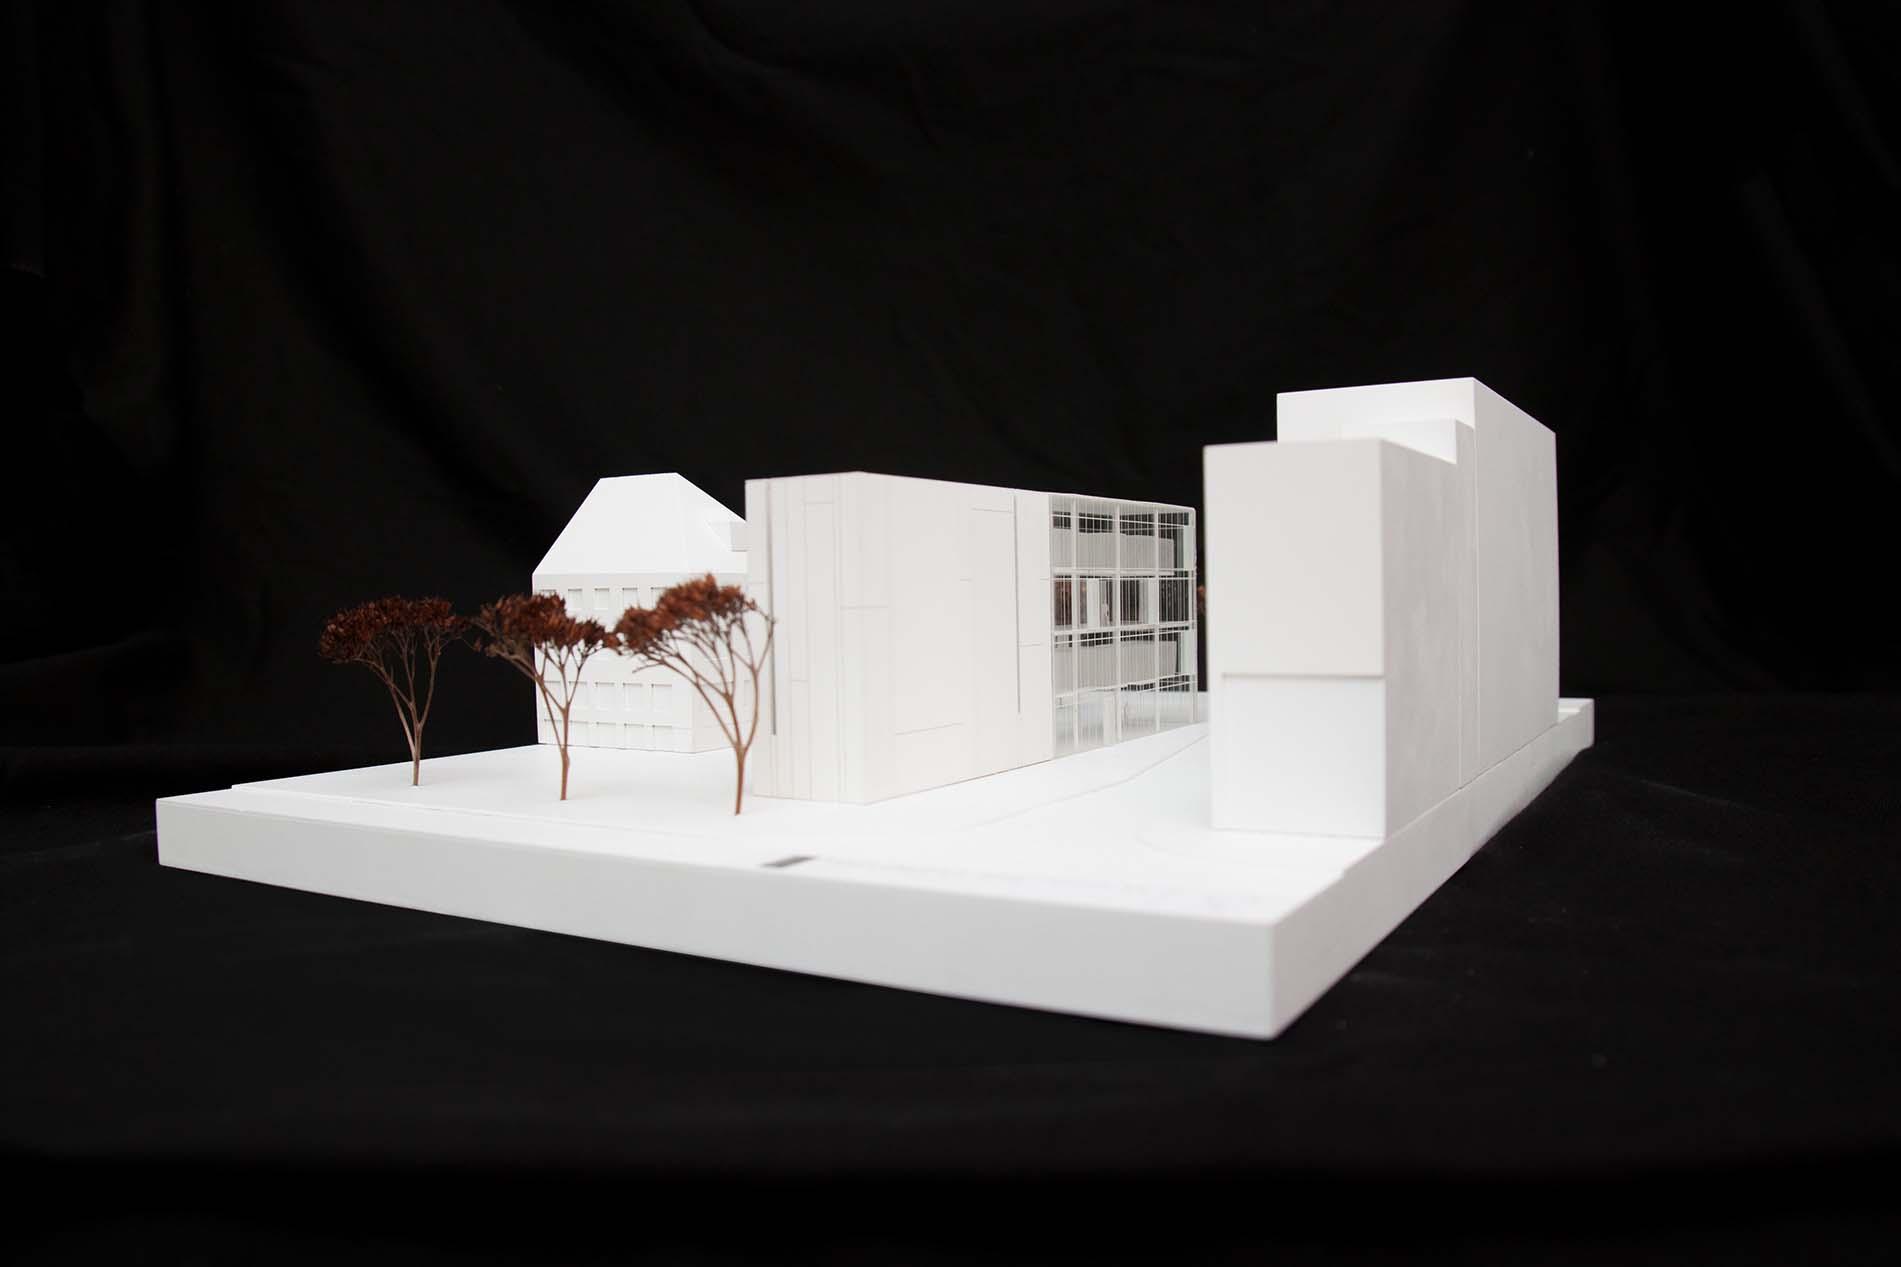 Innenarchitektur Vollmer Frankfurt ergebnis förderpreis 2013 des hessischen baugewerb competitionline